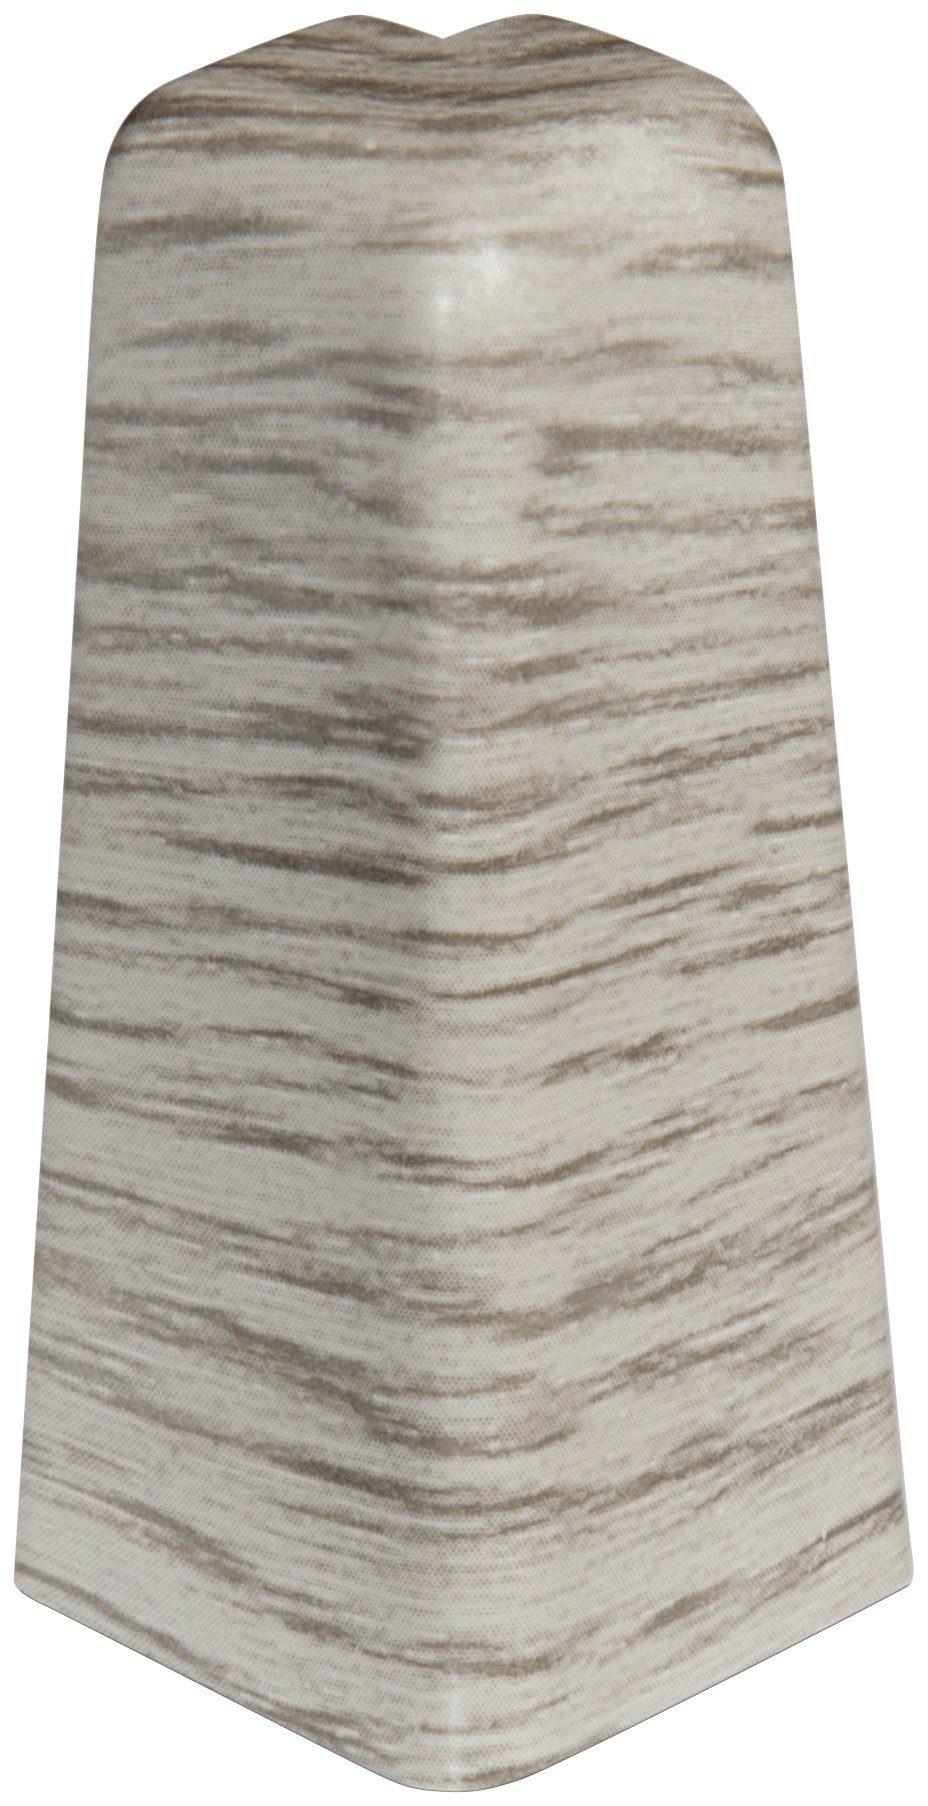 EGGER Außenecken »Esche grau«, für 6cm EGGER Sockelleiste